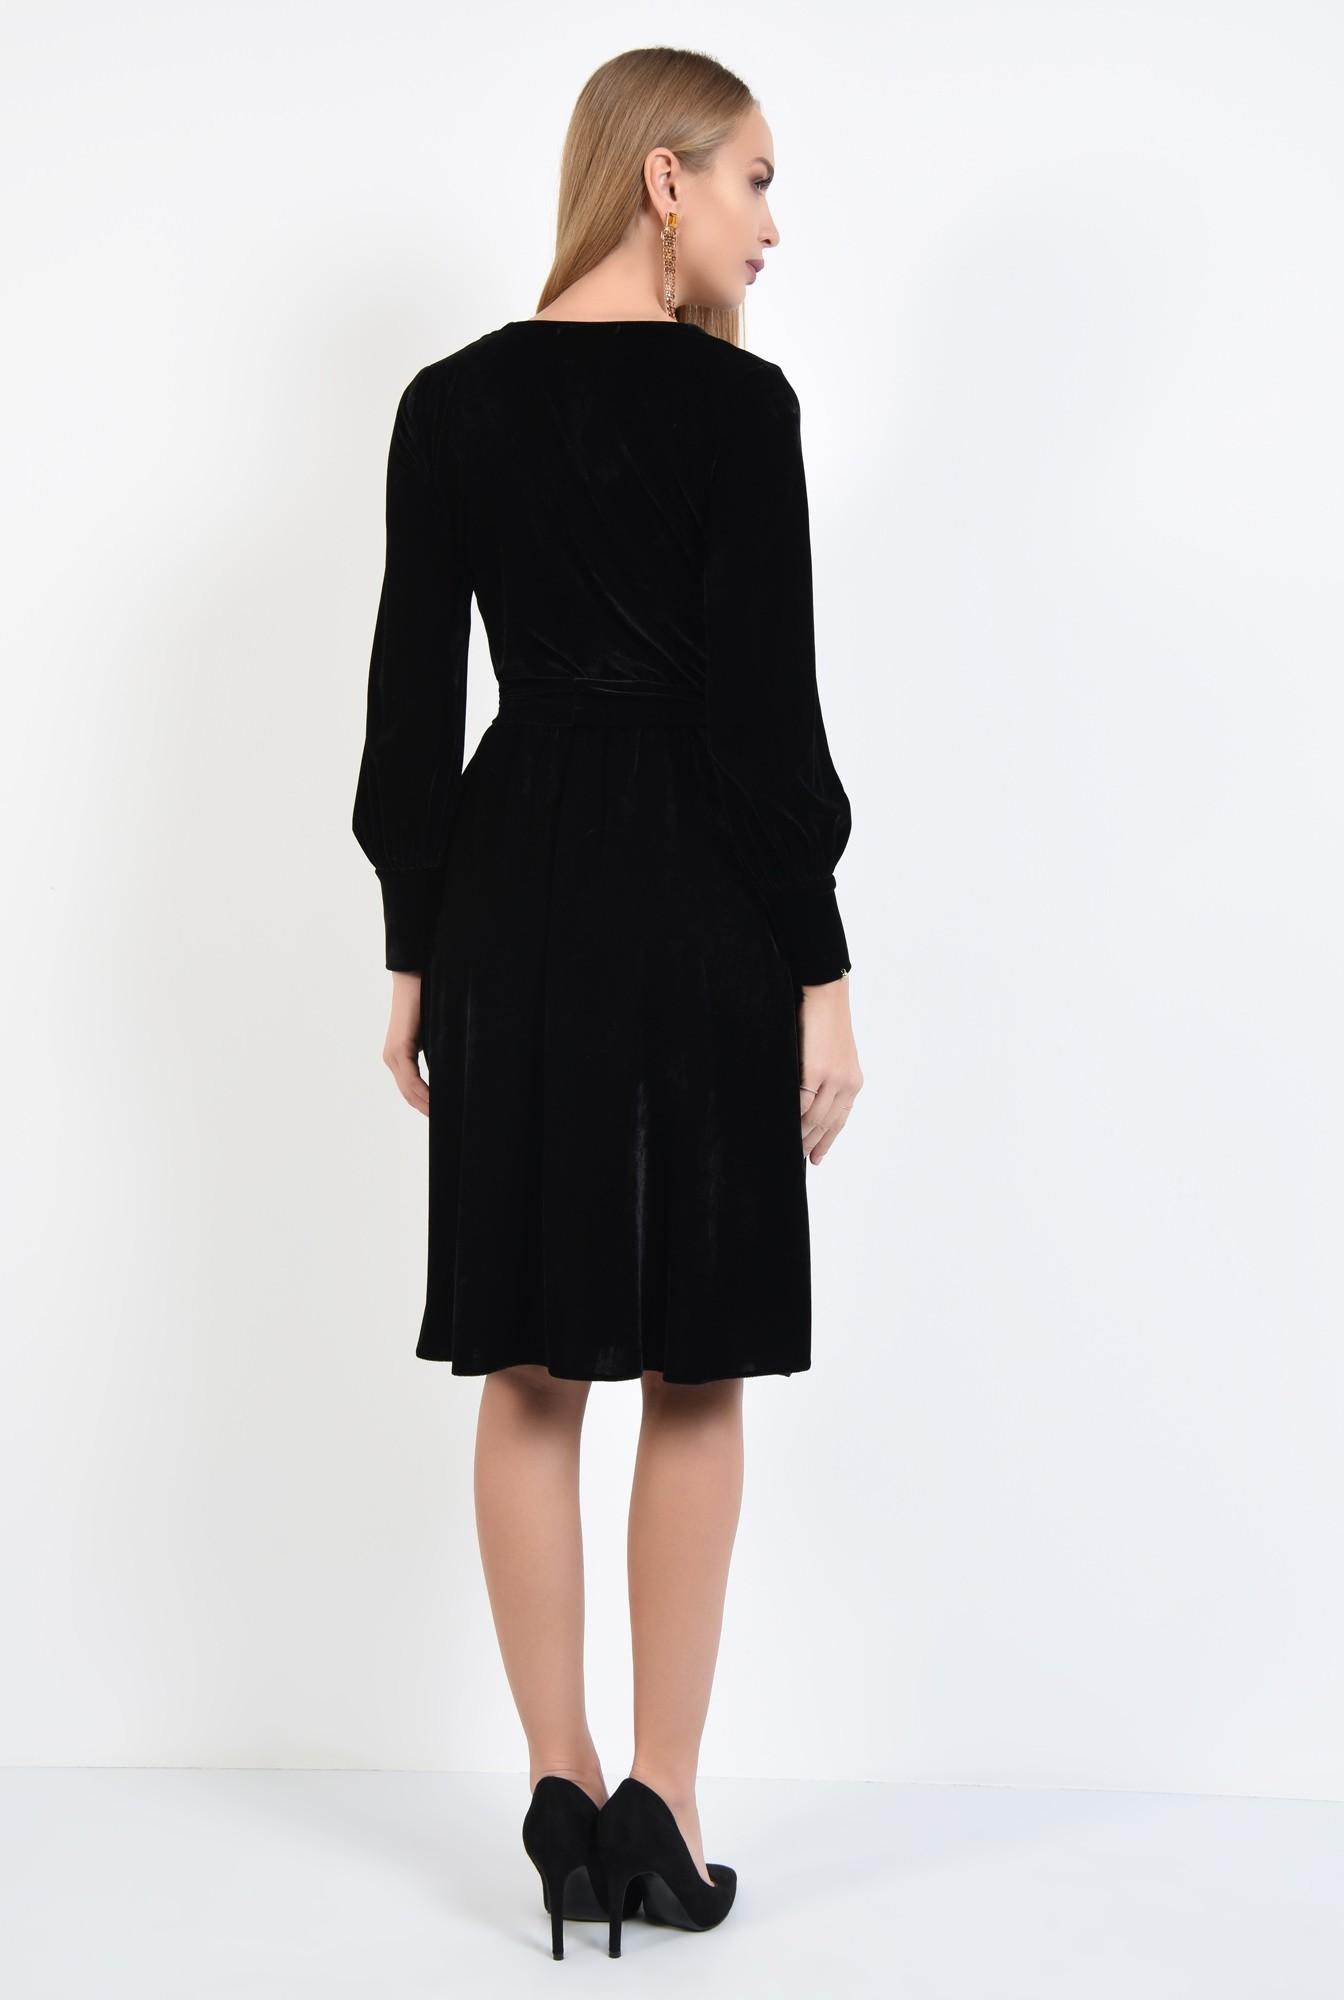 1 - rochie eleganta, neagra, midi, clos, cu cordon